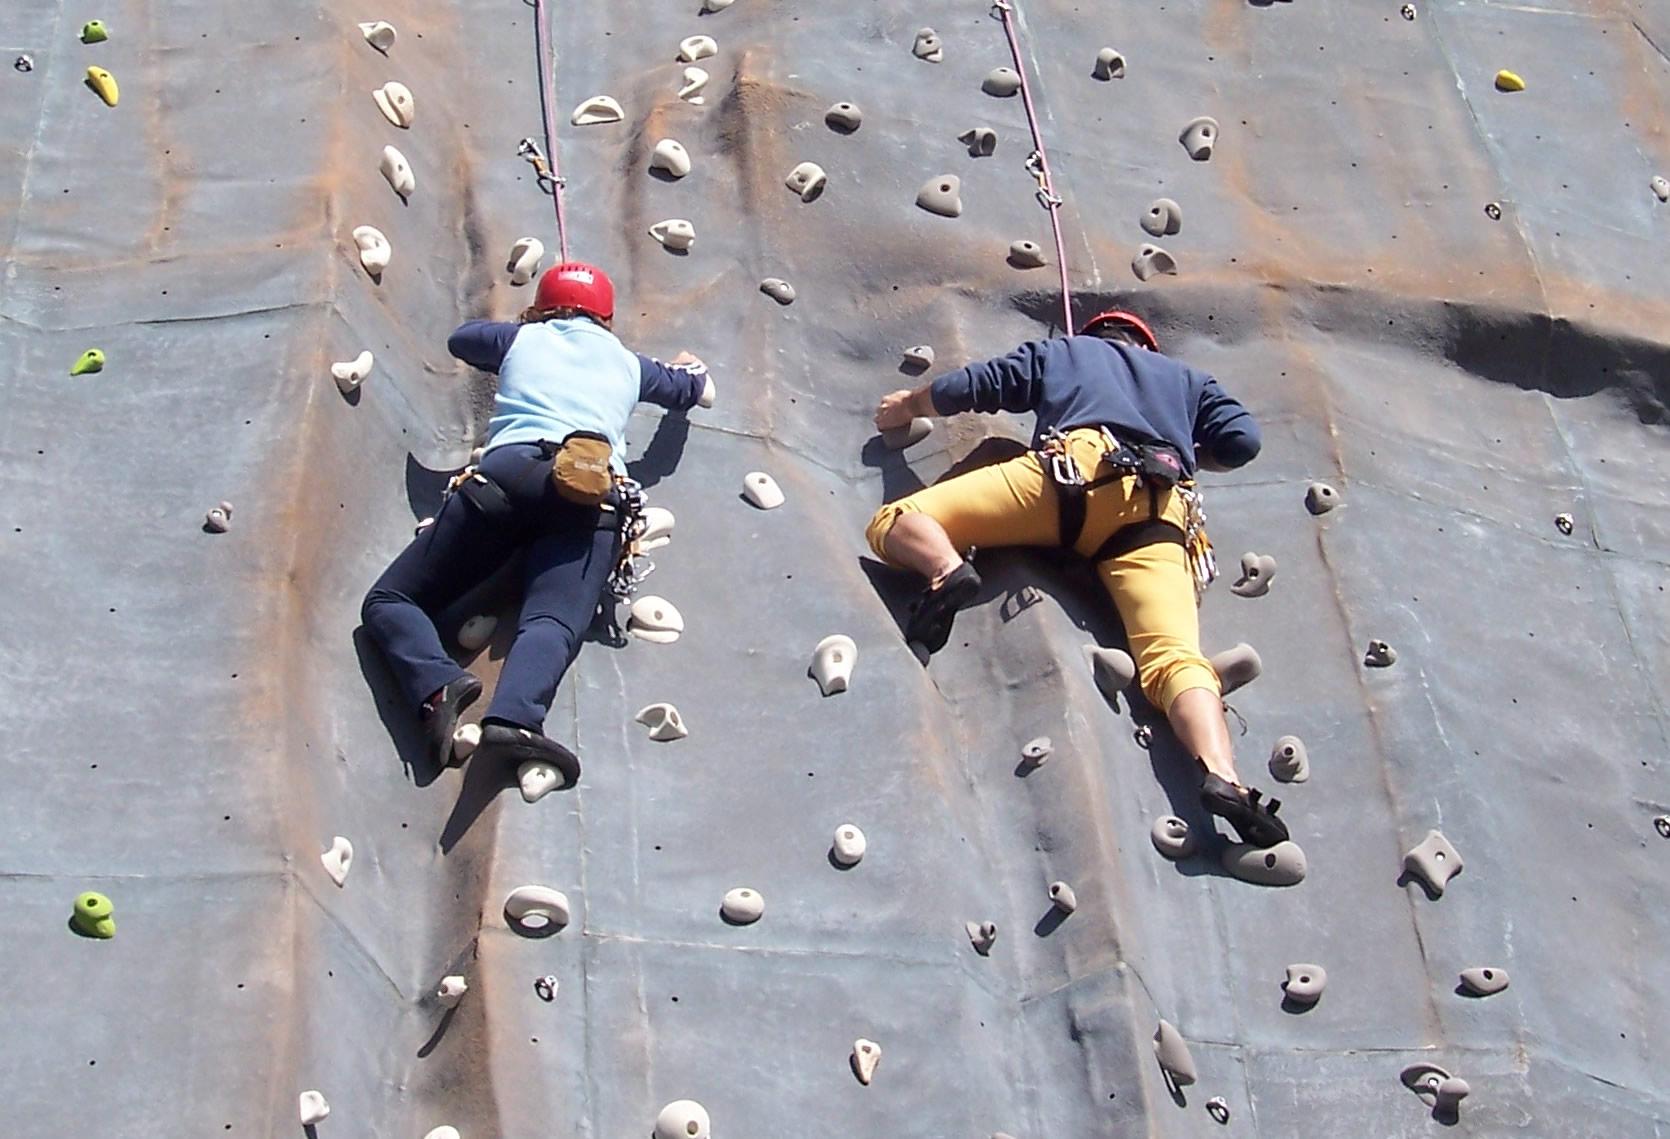 escalada-rocodromo-gal-3